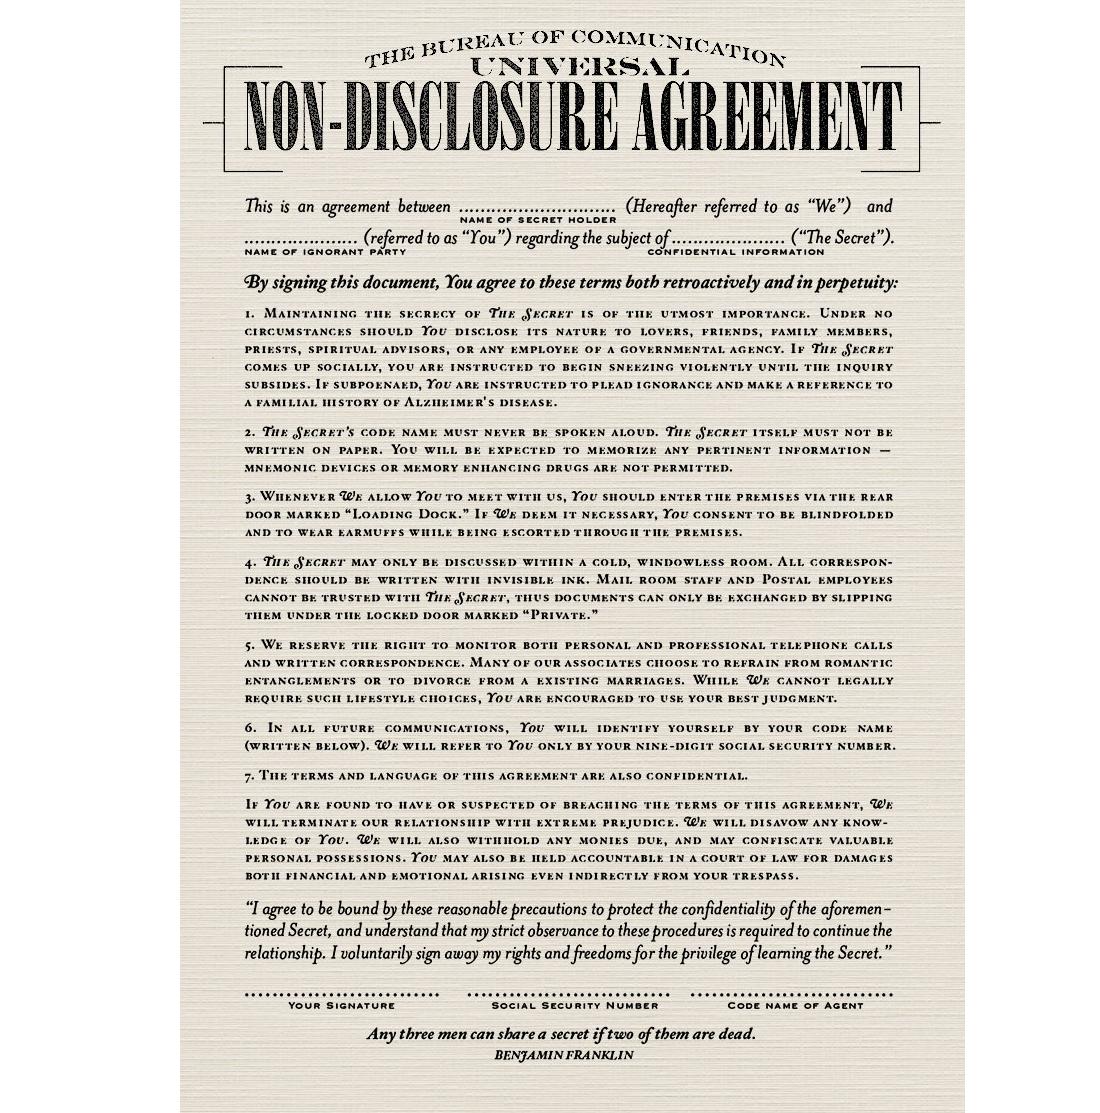 Розповідаємо про NDA: як правильно оформити договір і яка є відповідальність за його порушення